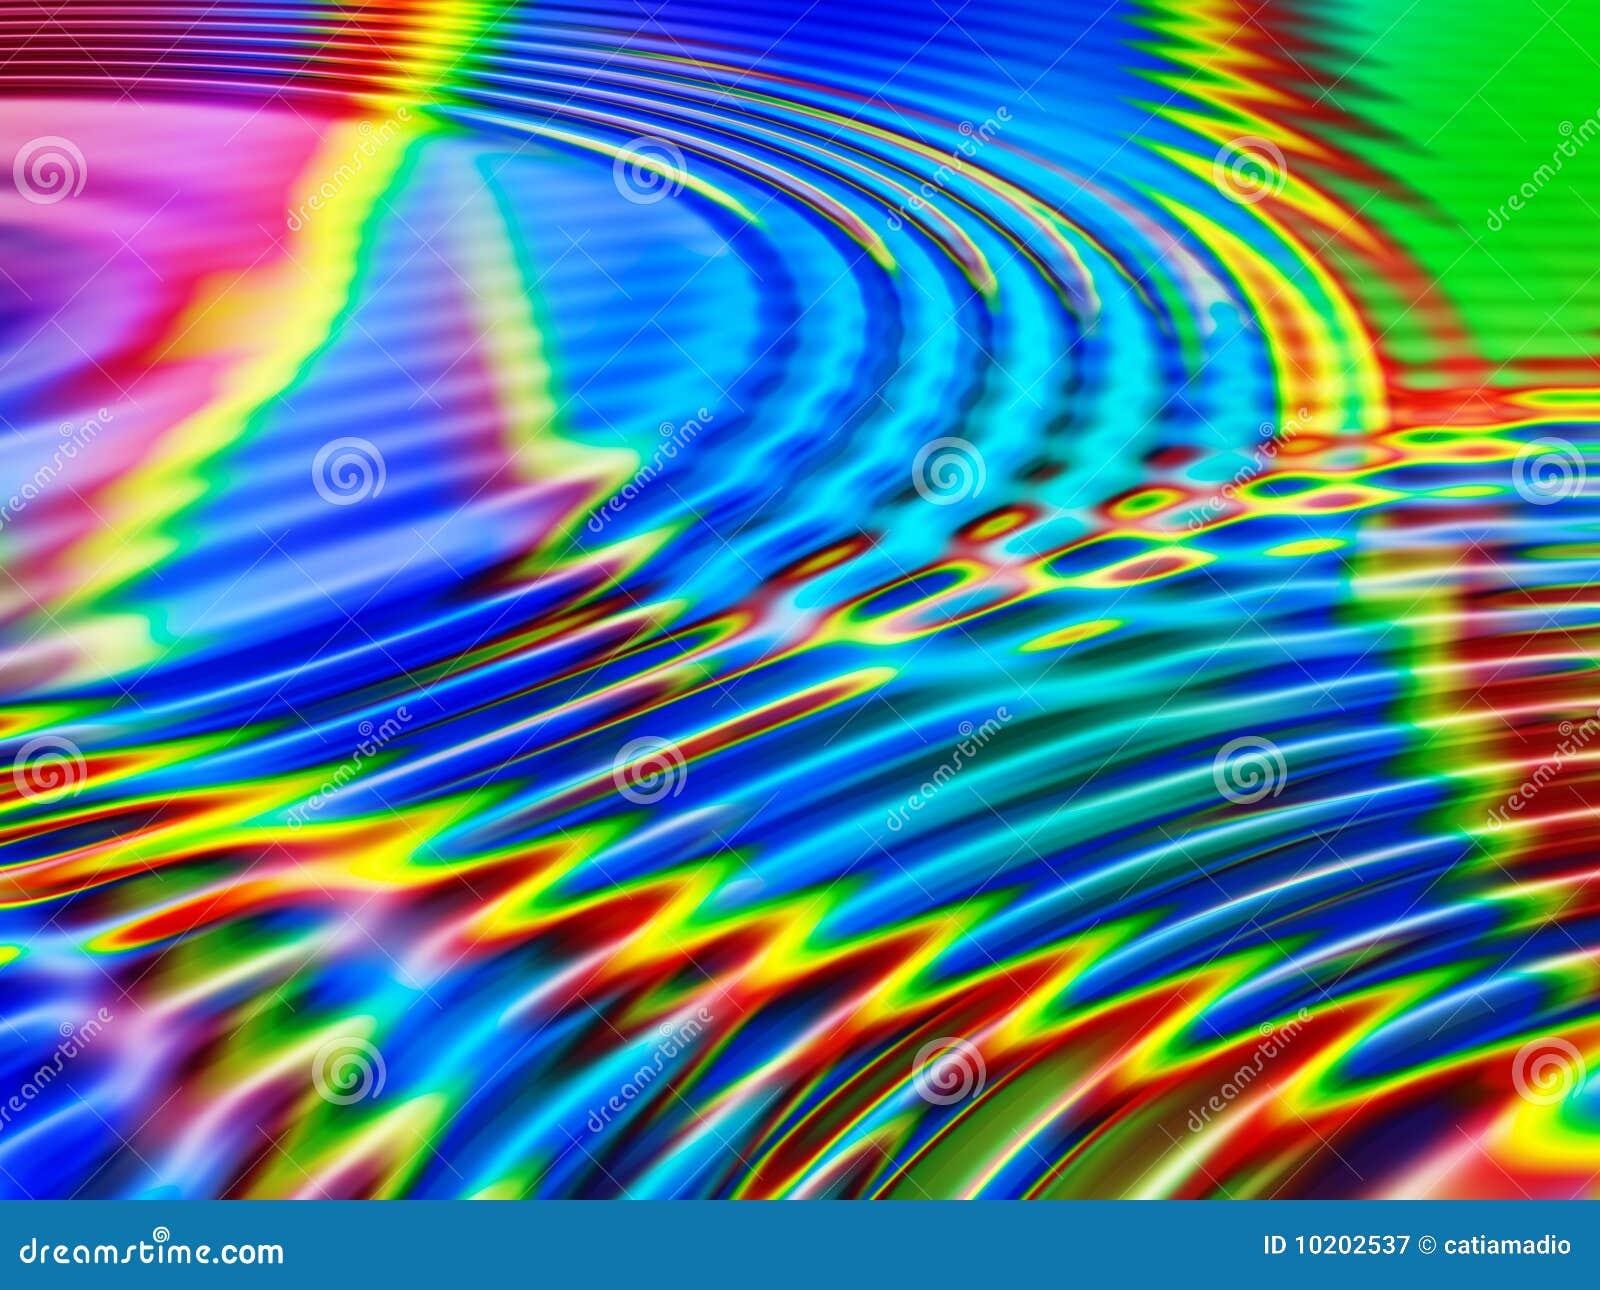 Colores vivos stock de ilustraci n imagen de dise o for Marmol translucido de colores vivos